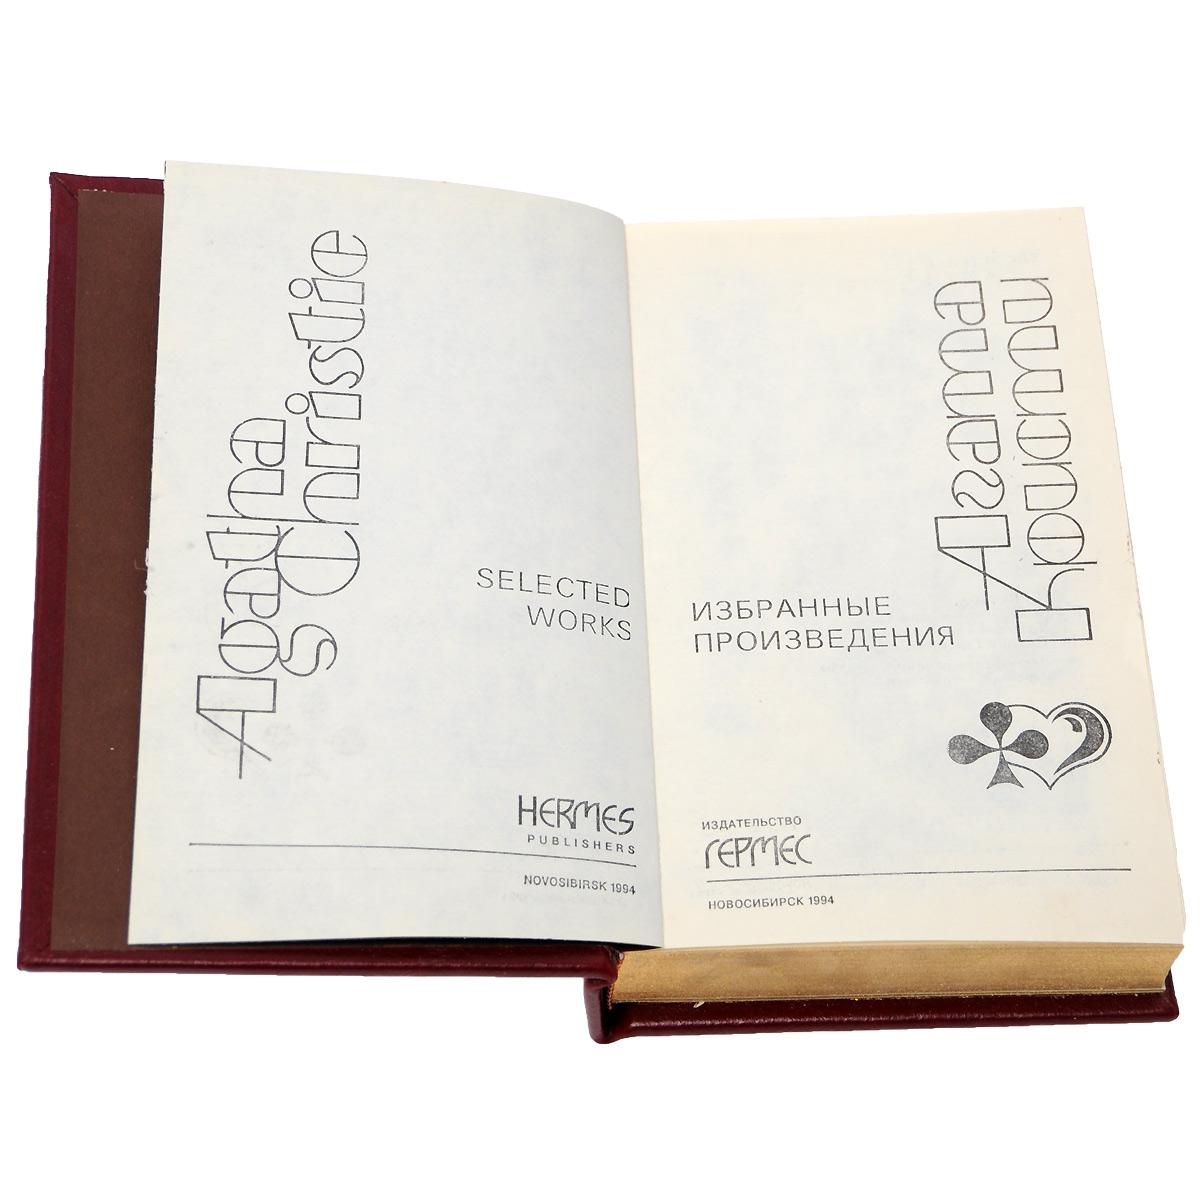 Агата Кристи. Избранные произведения в 31 томе (эксклюзивное подарочное издание)